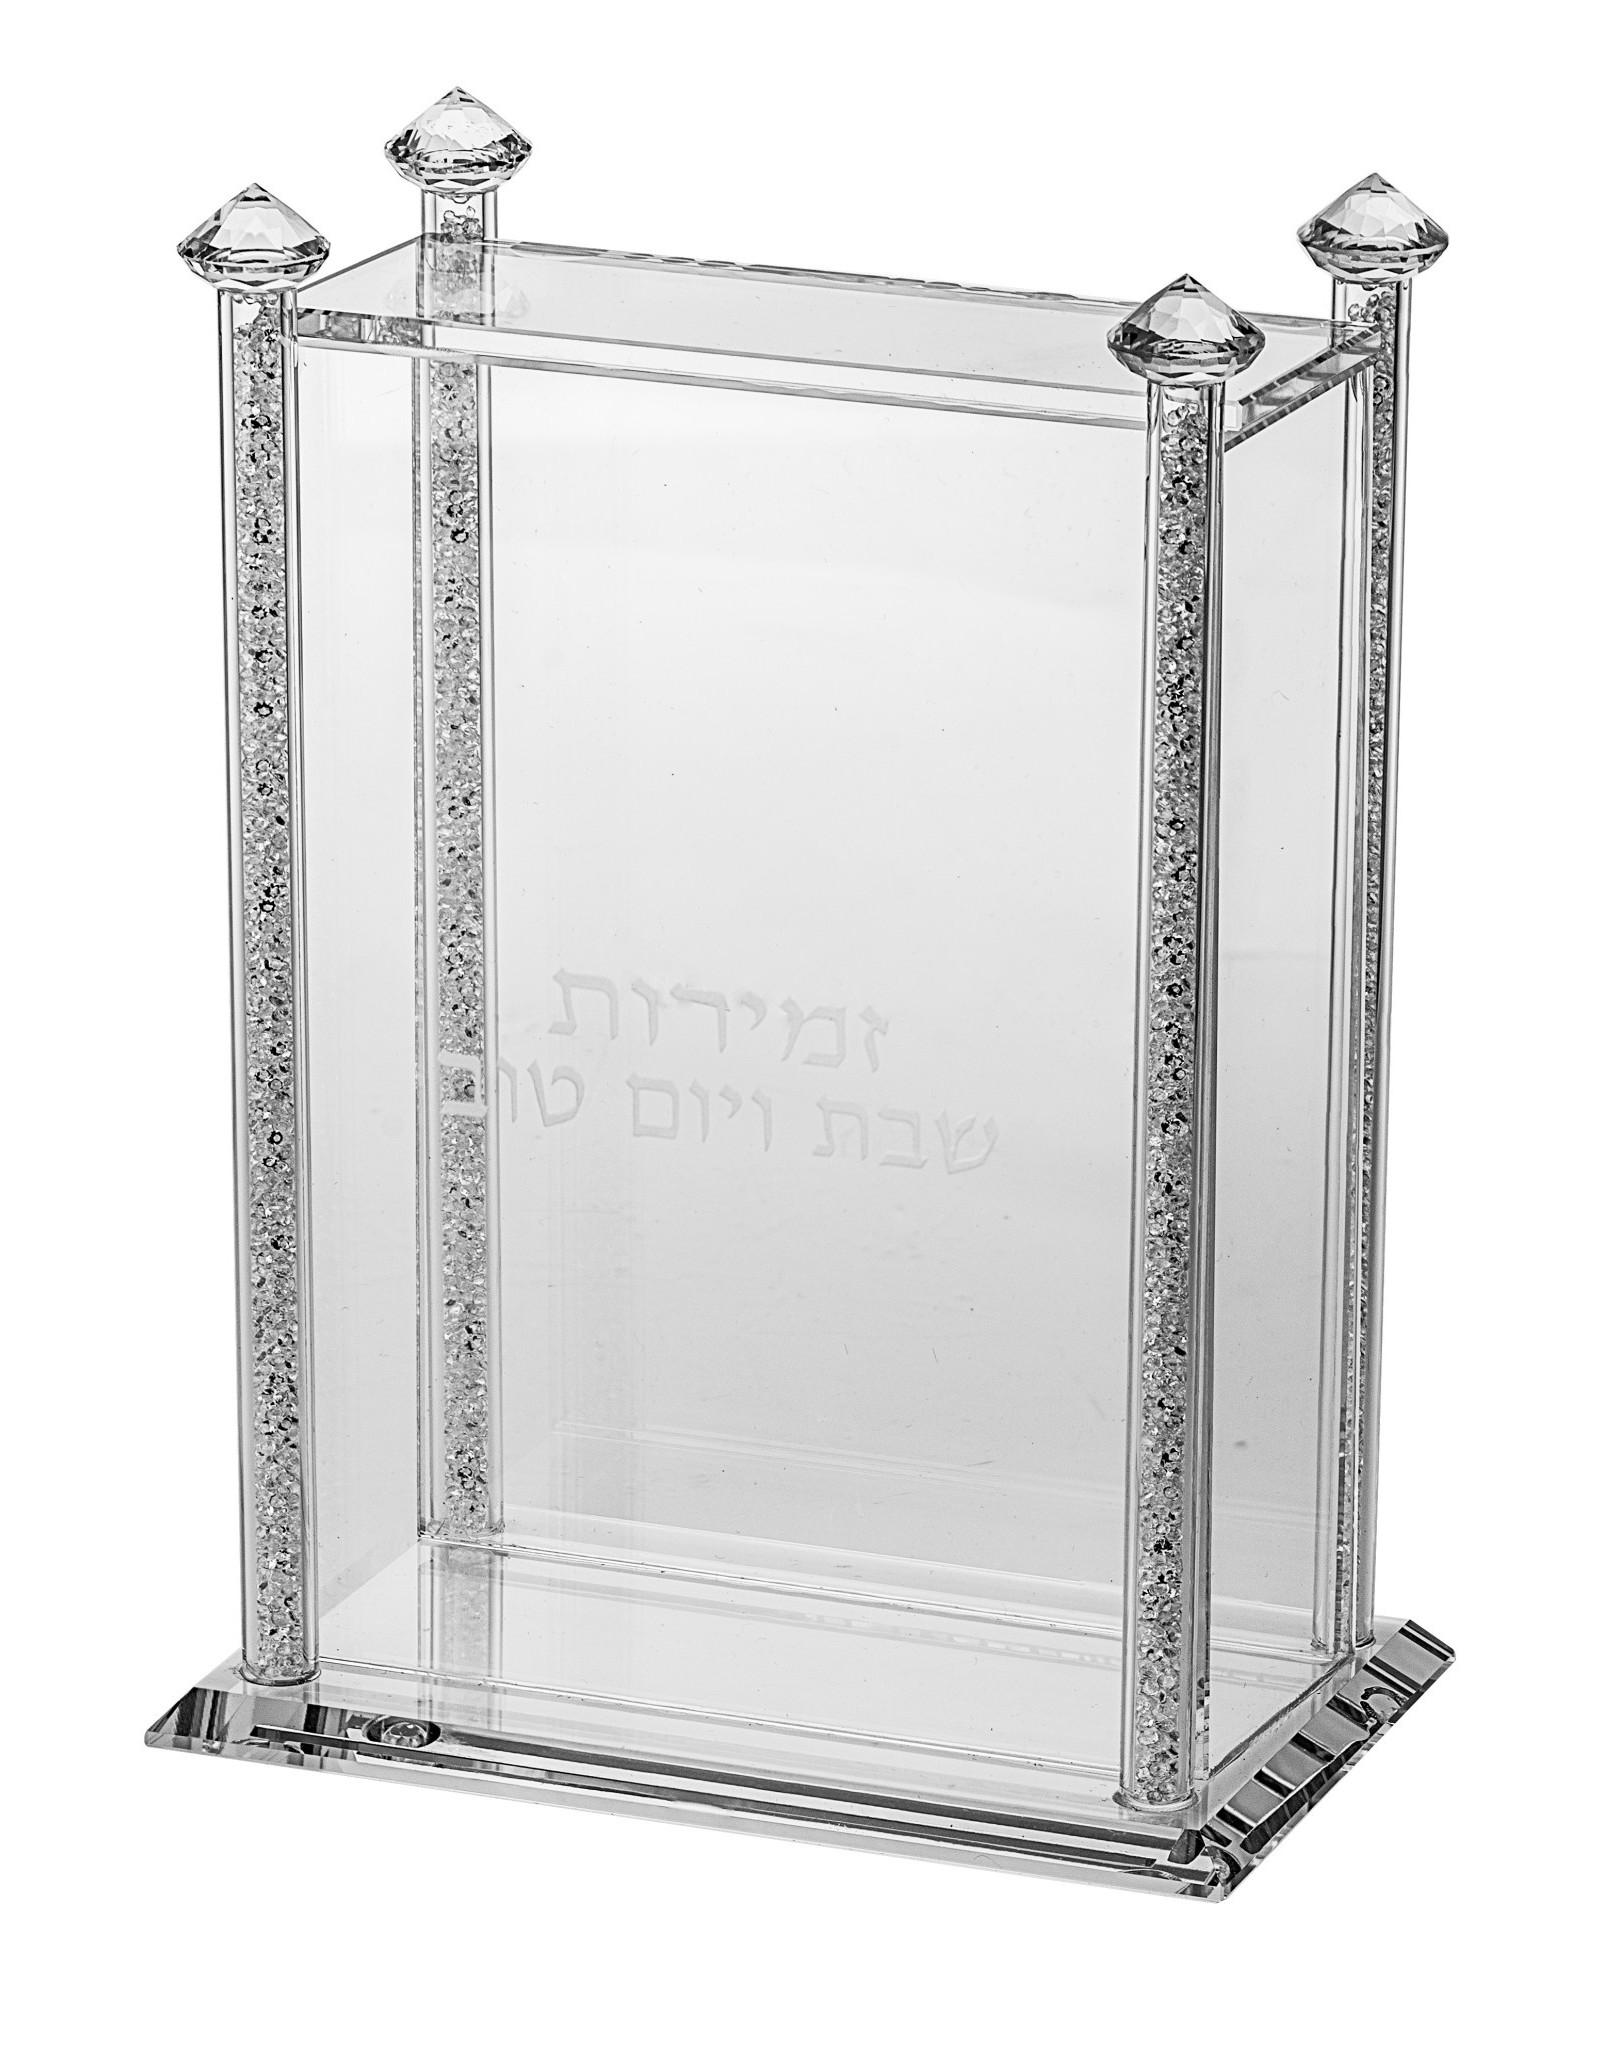 Bencher Set Holder - Crystal